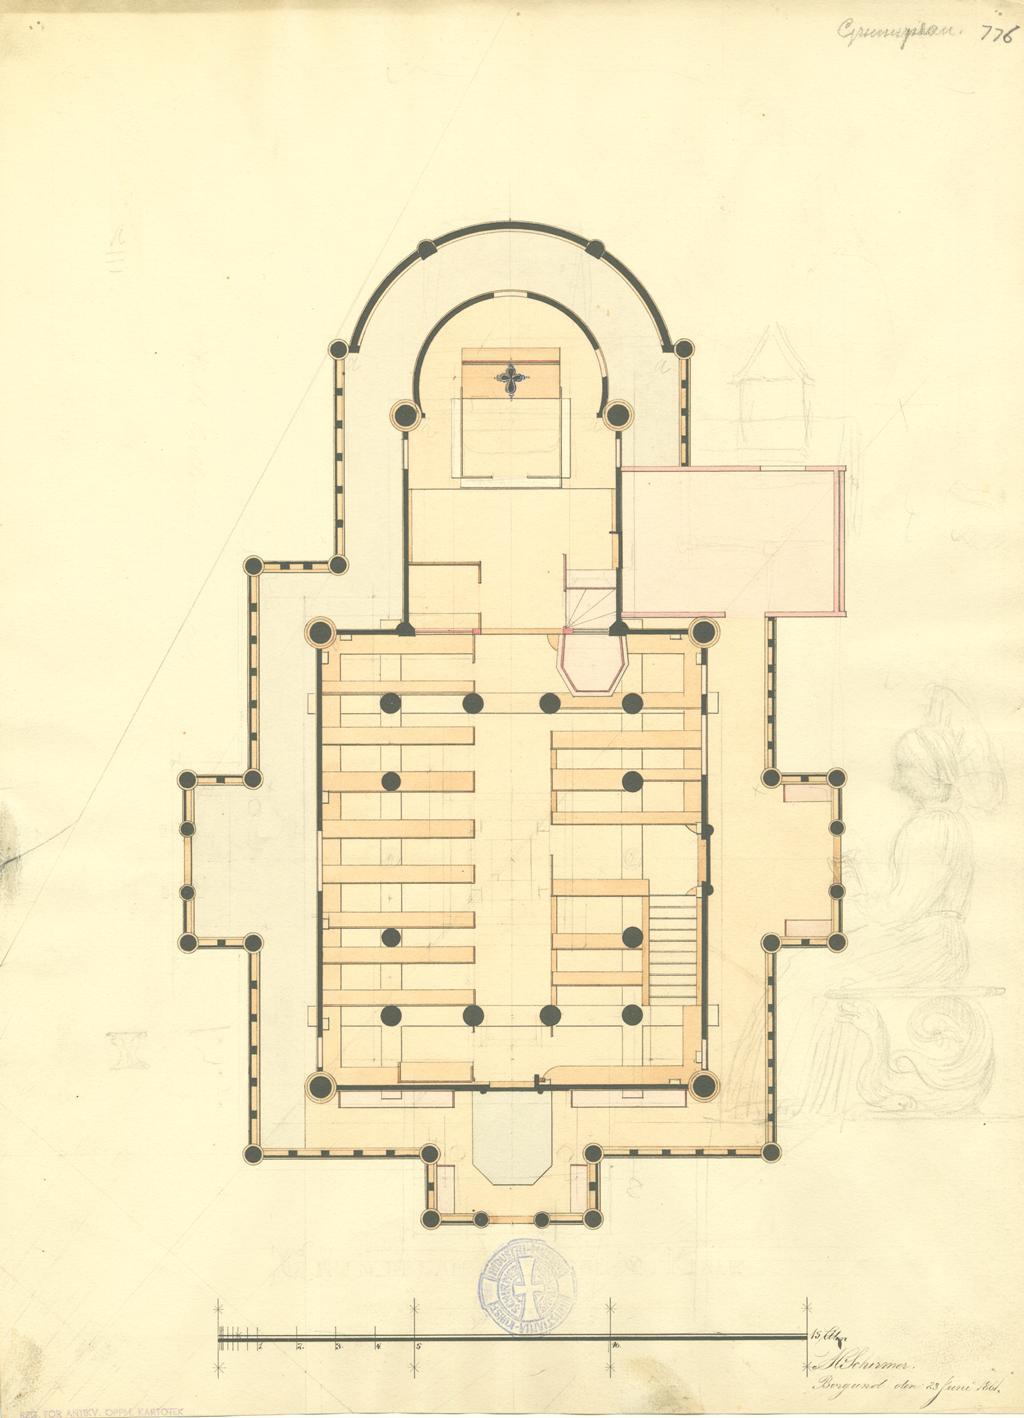 Som sin far var Herman M. Schirmer arkitekt, men hadde ingen stor produksjon. Denne tegningen av Borgund Stavkirke tegnet han da han var 16 år. Legg også merke til skissen av en dame på høyre side. Tegning: Herman M. Schirmer i 1861, Riksantikvaren. (Illustrasjon: Riksantikvaren)